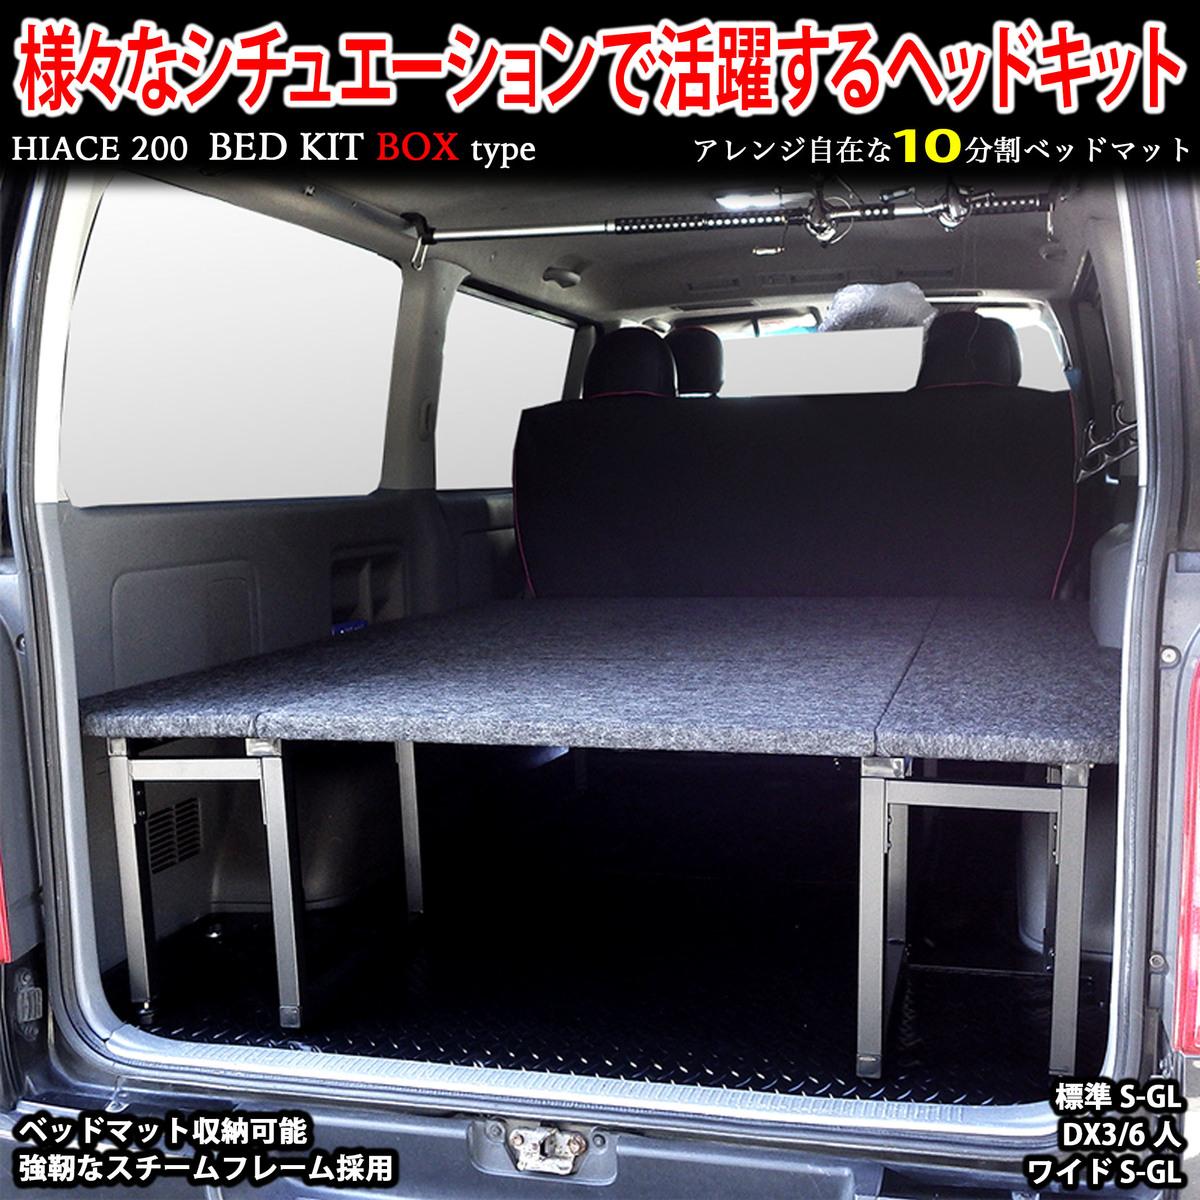 200系ハイエース 標準S-GL 輸入 トランポ仕様 ハイエース 日本メーカー新品 ベッドキット BOX型トランポ仕様 6型対応 標準S-GL用 パンチカーペット #1